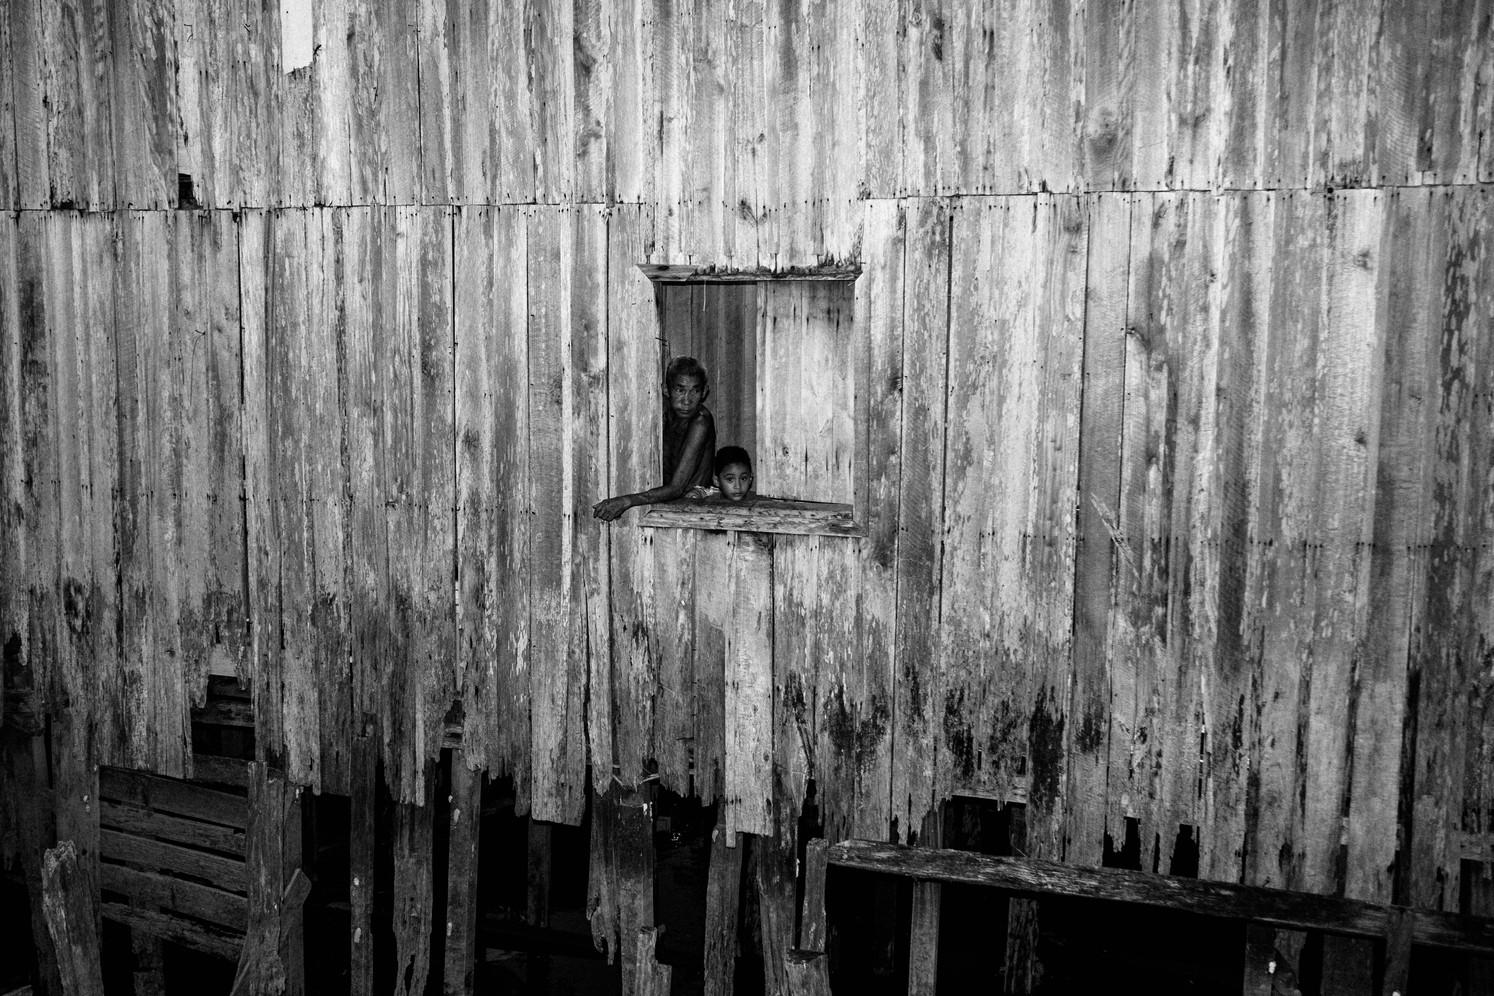 Residents in the Vila da Barca, a poor neighborhood of stilt houses in Belem.